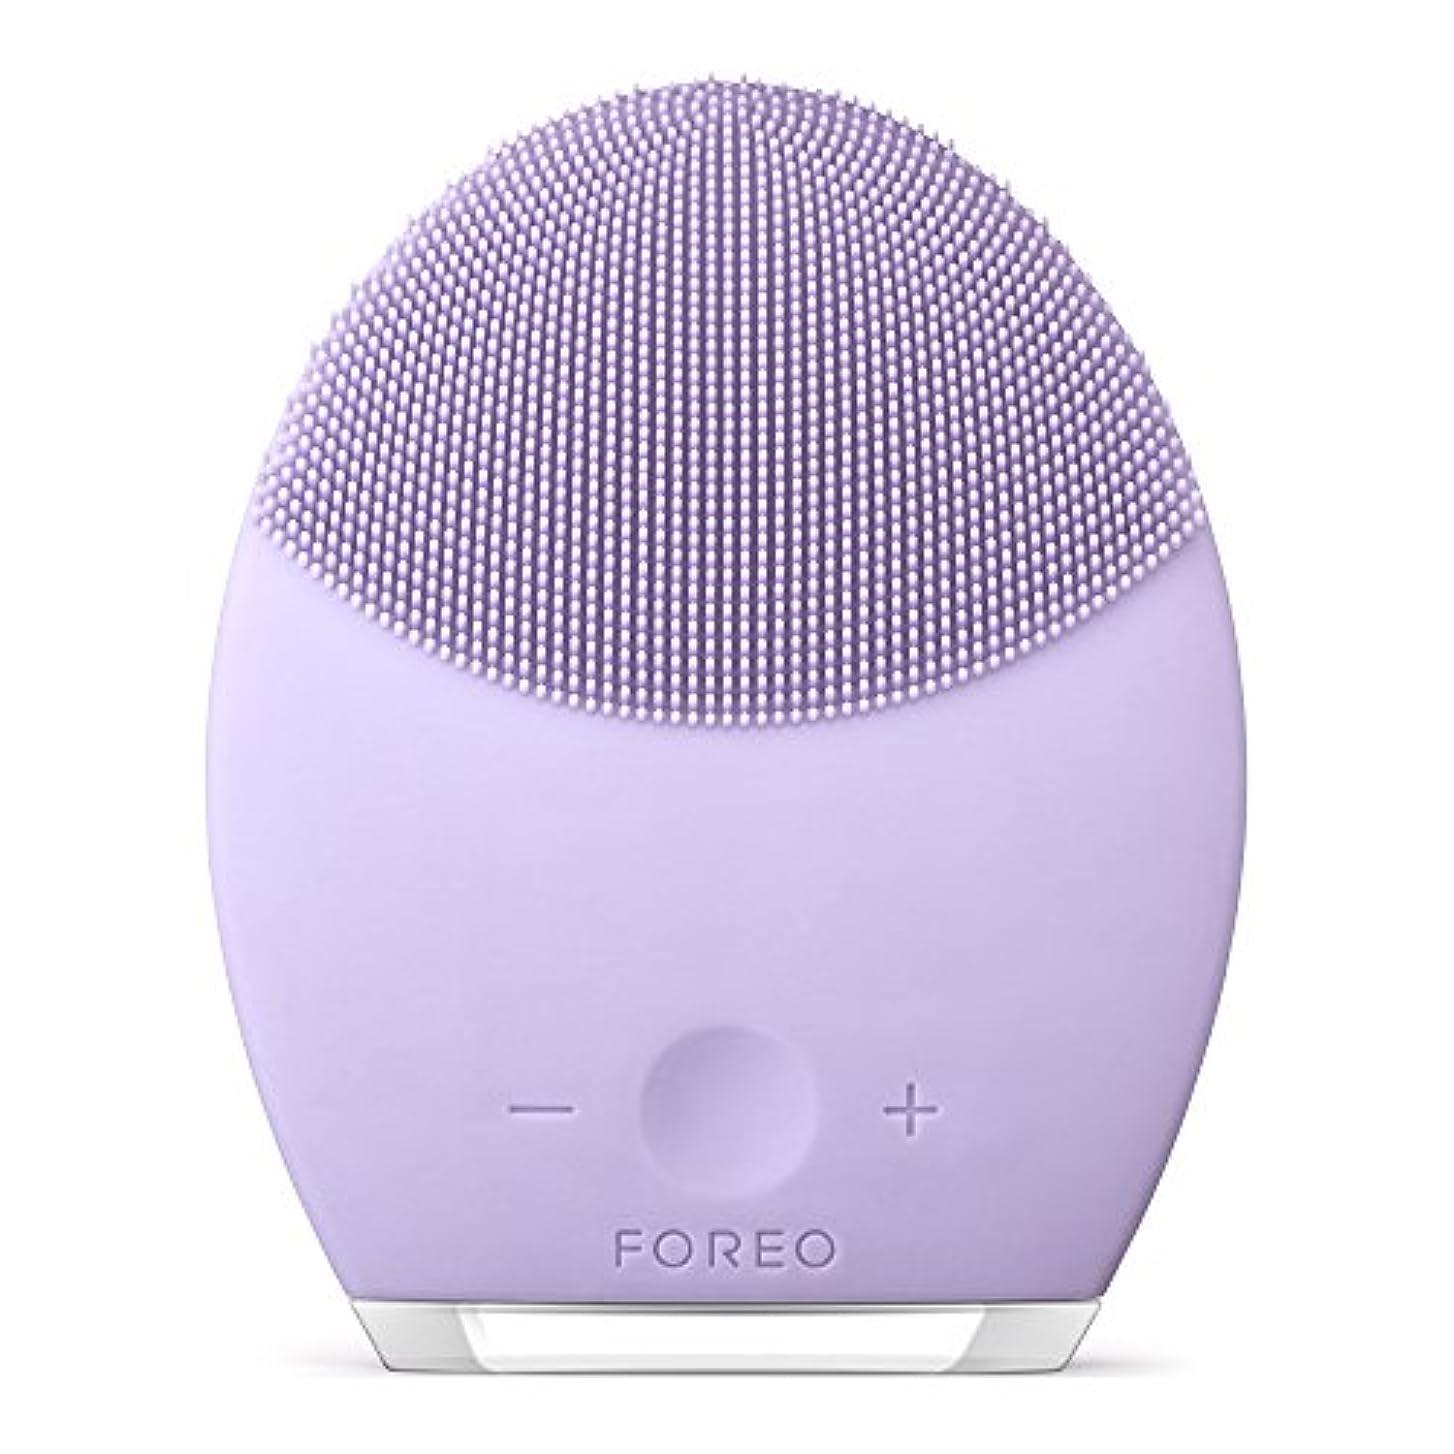 急性中絶真向こうFOREO LUNA 2 for センシティブスキン 電動洗顔ブラシ シリコーン製 音波振動 エイジングケア※